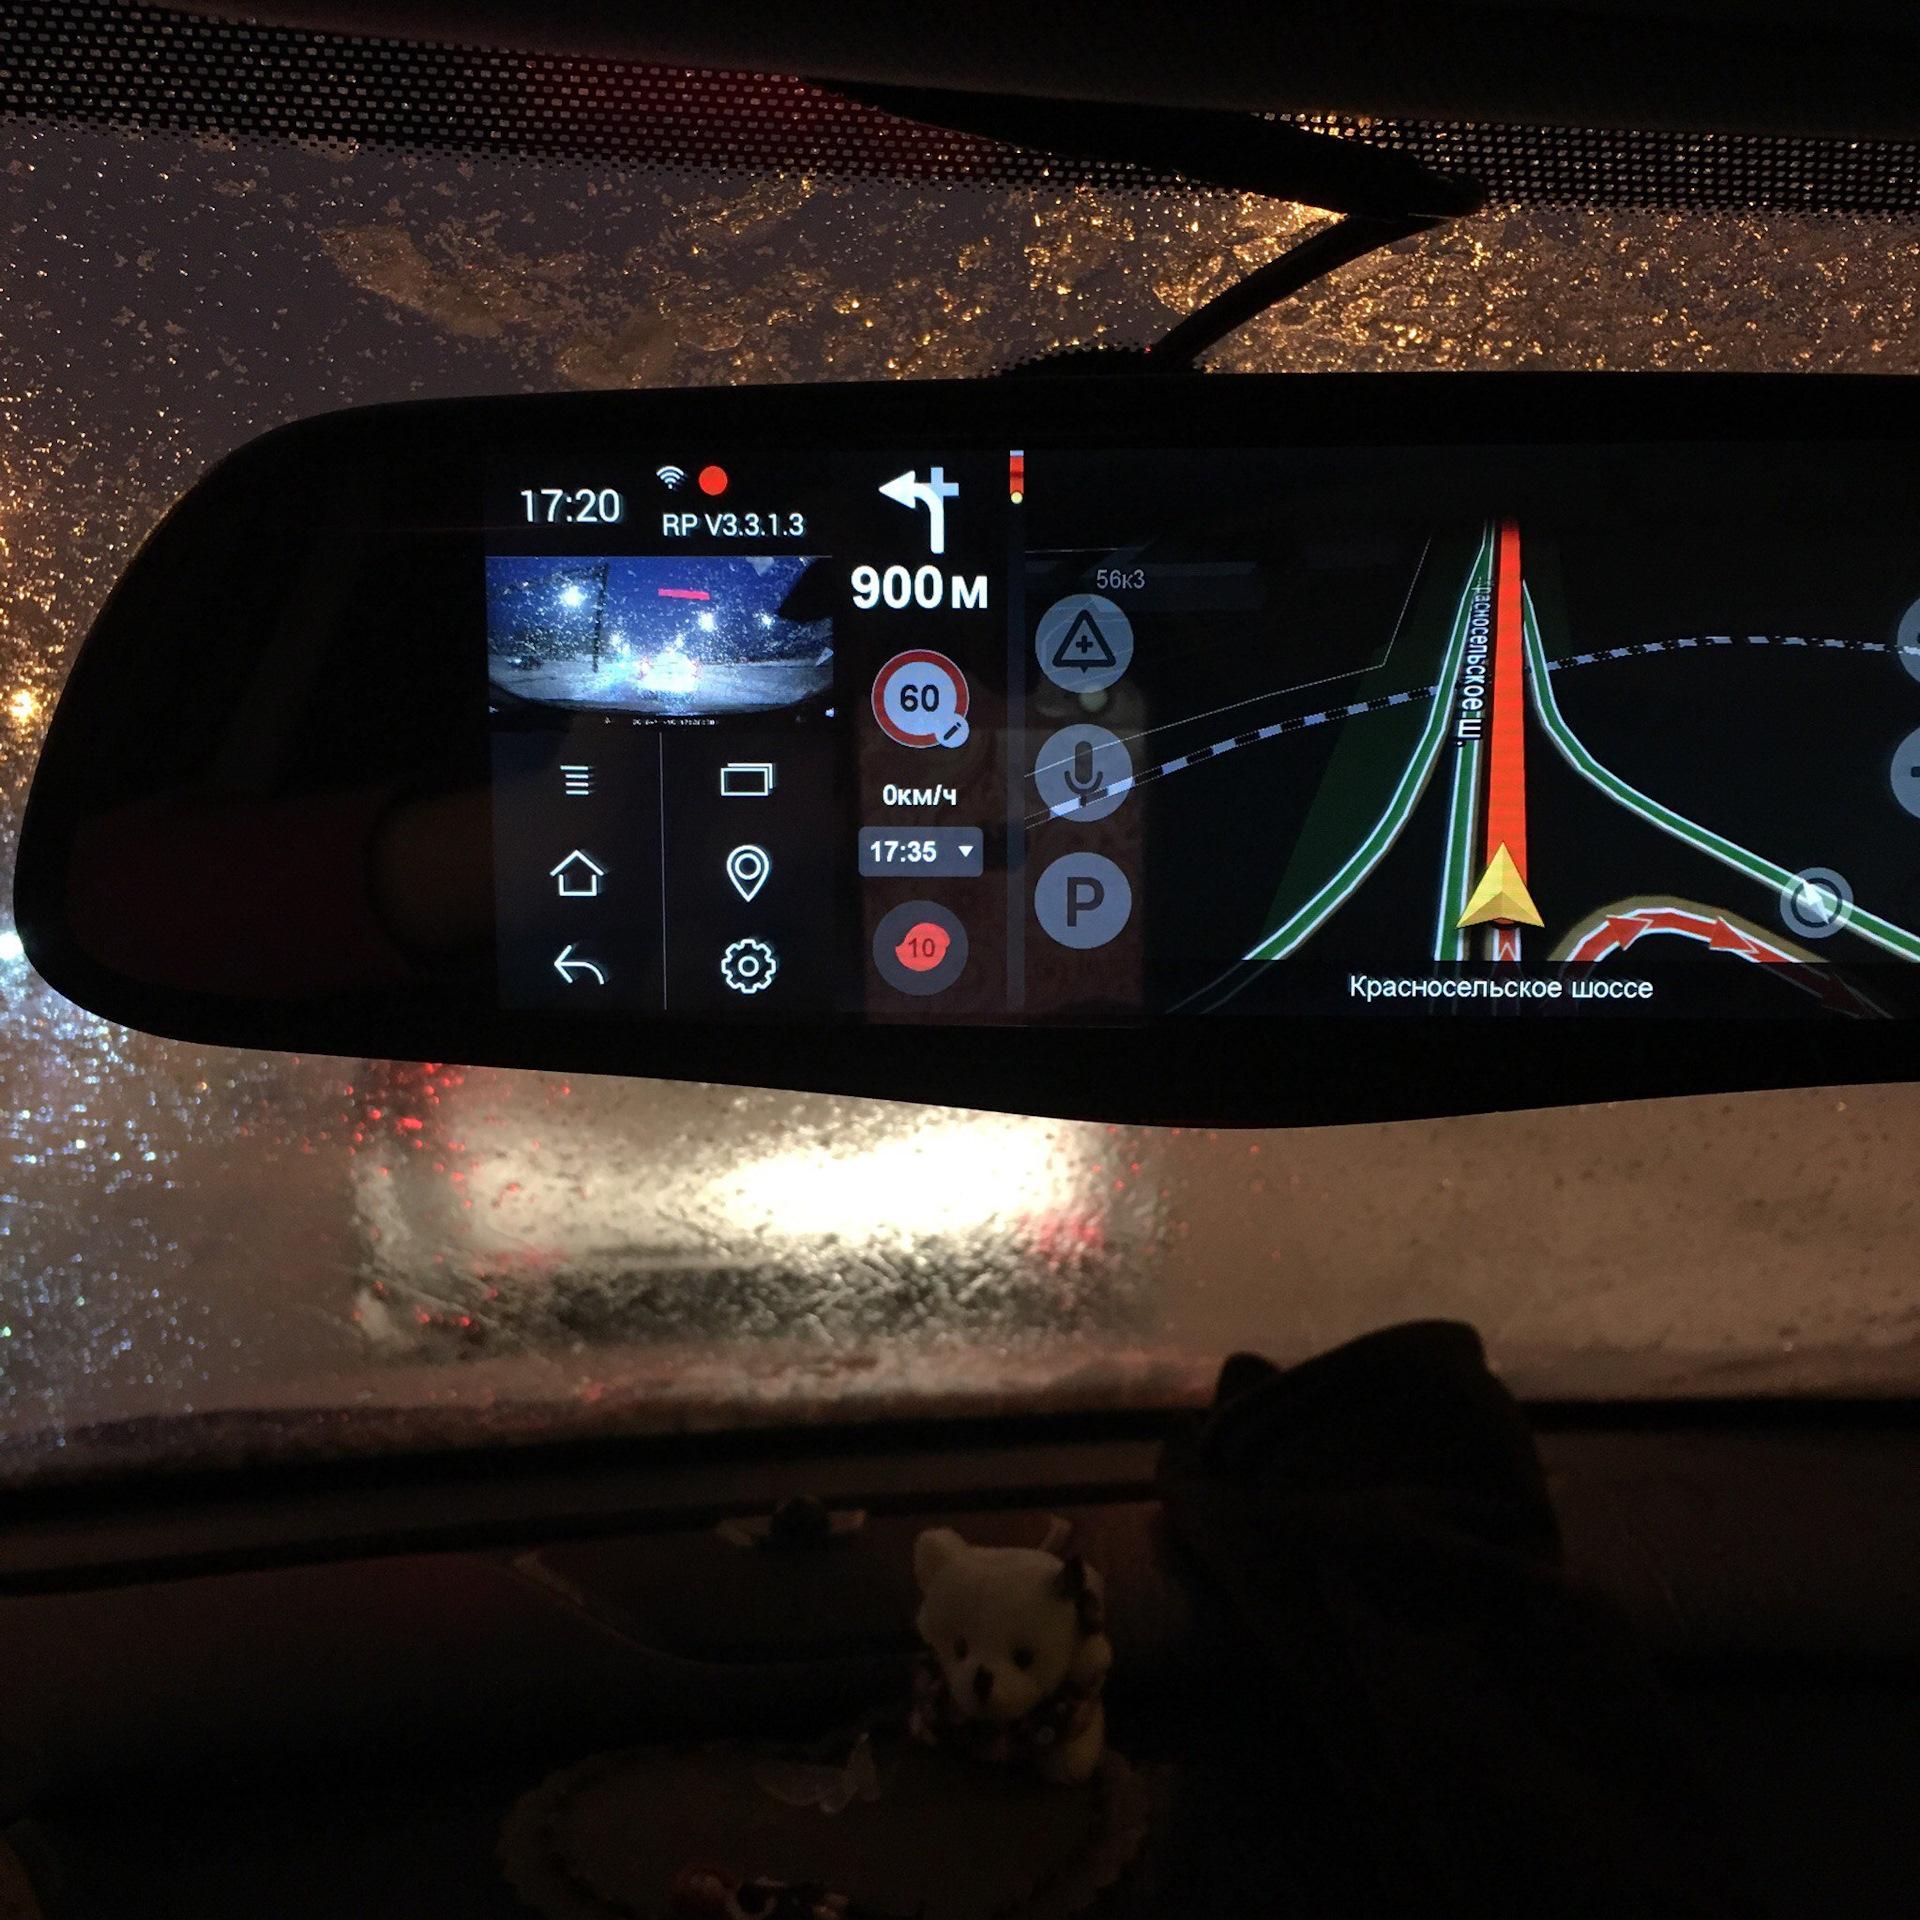 Зеркало заднего вида с монитором регистратором redpower amd65 android автомобильные видеорегистраторы 2013